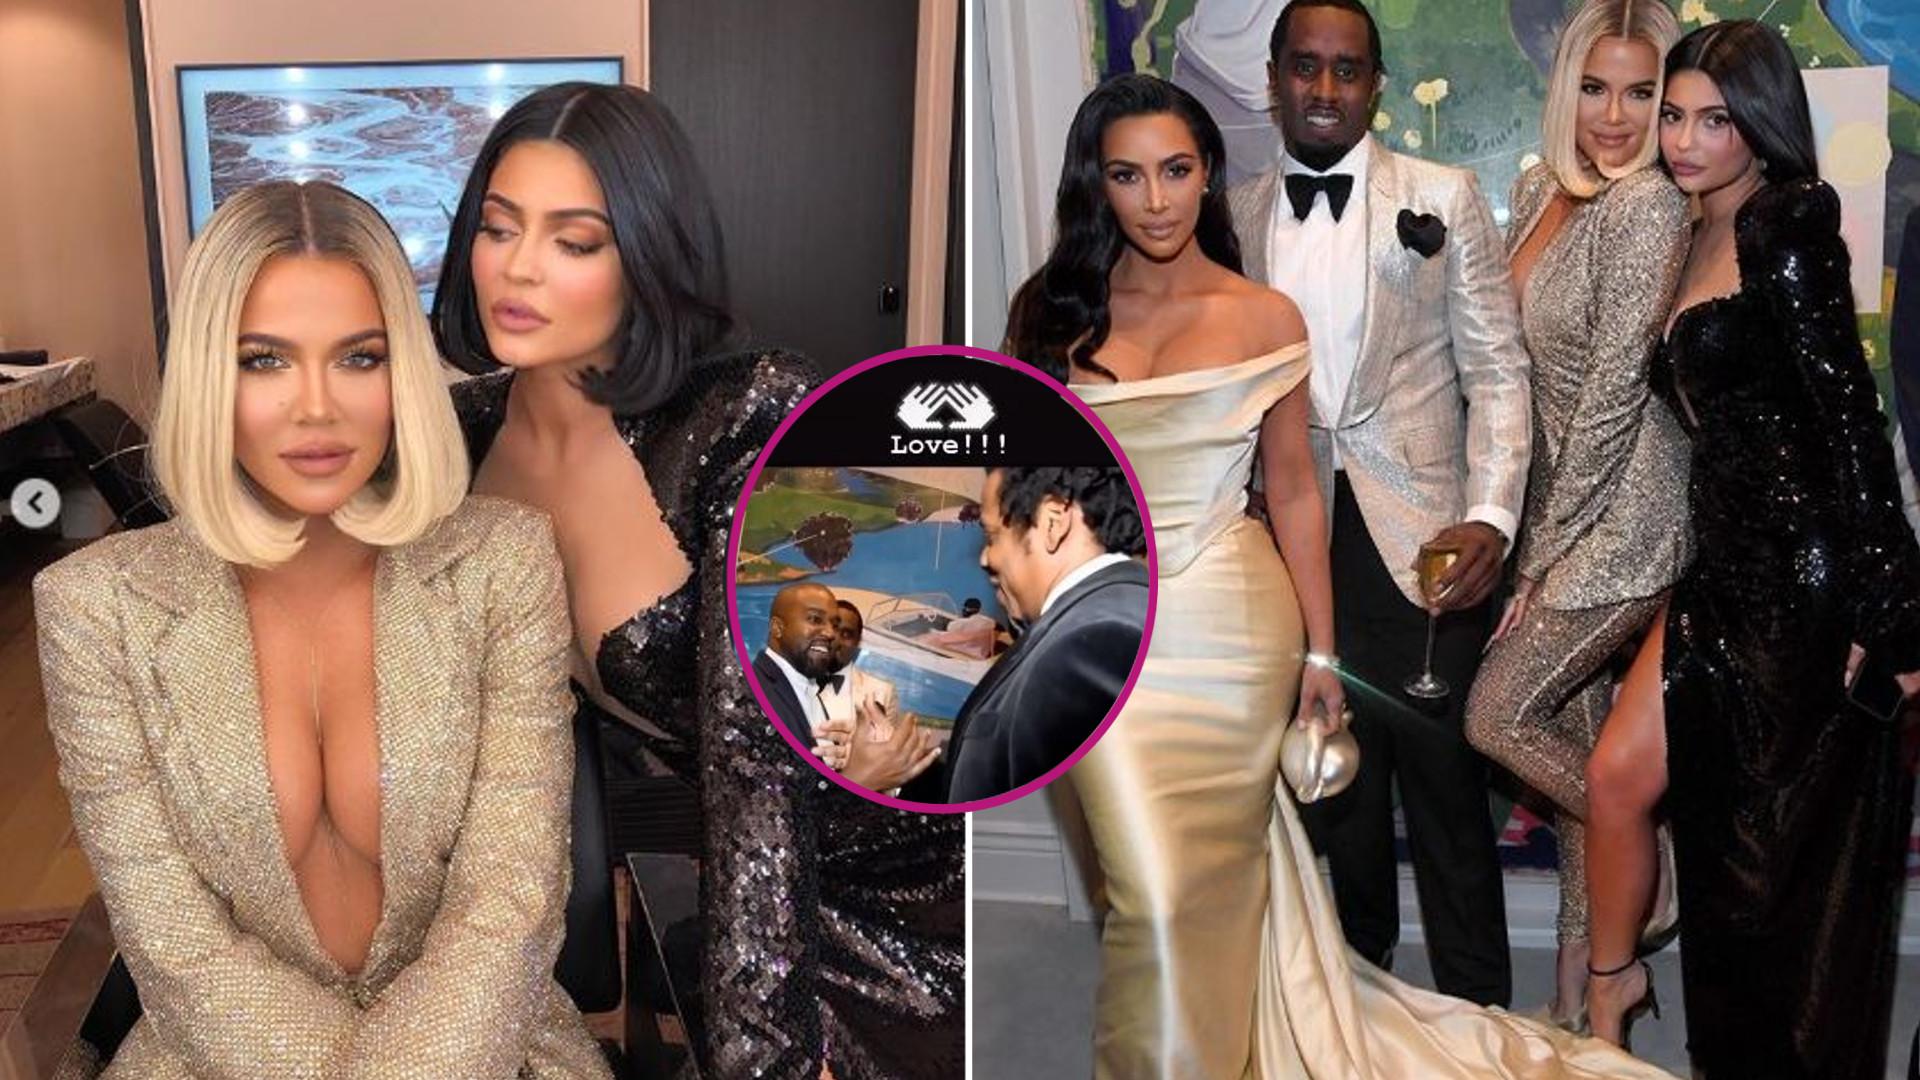 Seksowne Kim, Kylie i Khloe na urodzinach P. Diddy'ego i TEN UŚCISK między Kanye i Jayem Z